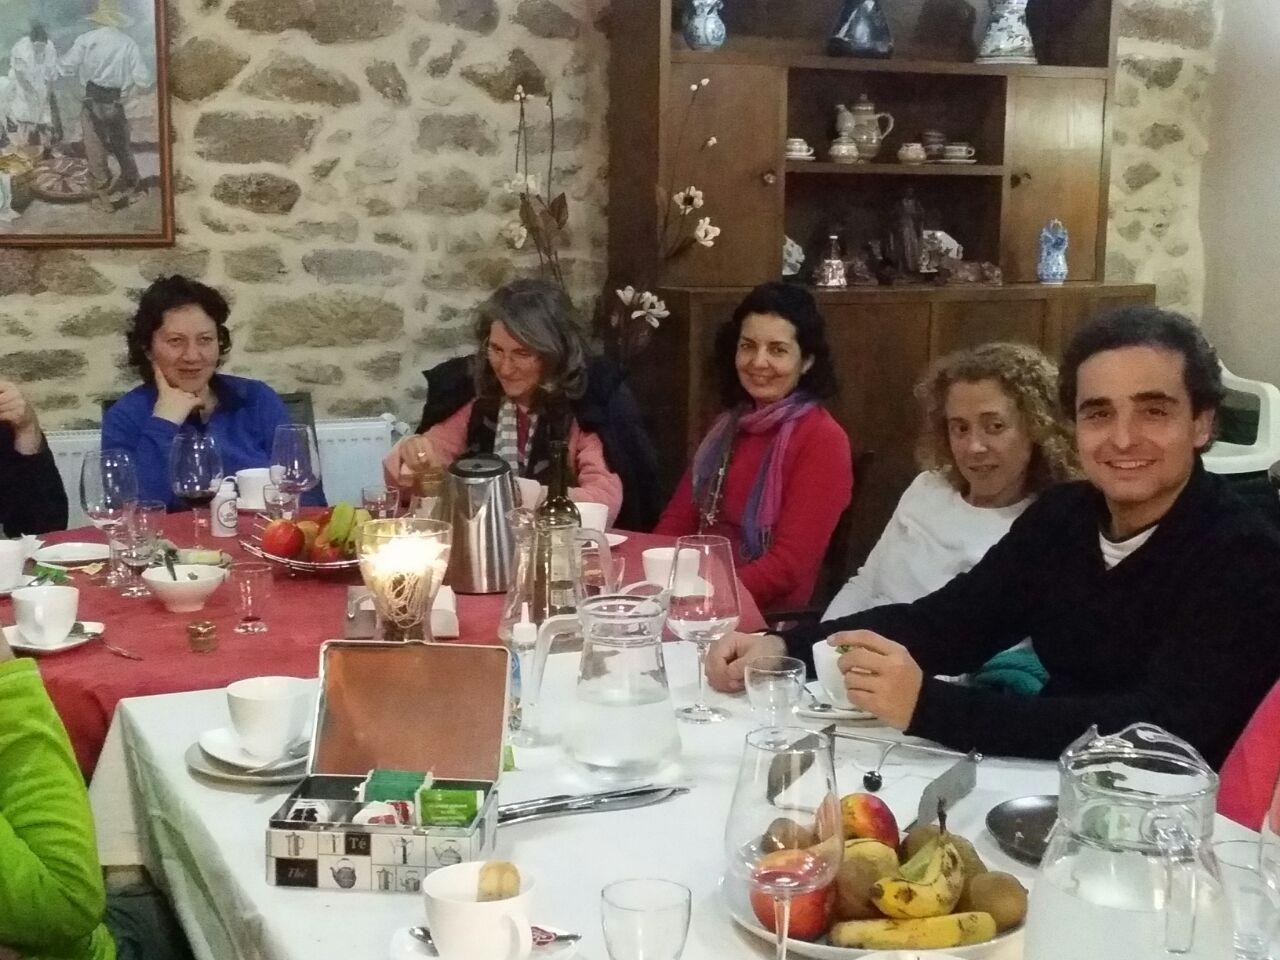 #Momentos del Taller: La Manifestación del Verdadero Yo. Tus Valores y Talentos. Impartido por Alejandro Ferrín Véle Ha realizado durante más de 15 años talleres y seminarios para formación de líderes, trabajo en equipo y desarrollo de habilidades.  Del 19 al 21 de Diciembre – #Guitiriz. www.casadoroble.com  #casarural #CasadoRoble #Lugo #Galicia #Guitiriz #energía #plenitud #meditación #camino — en Casa do Roble